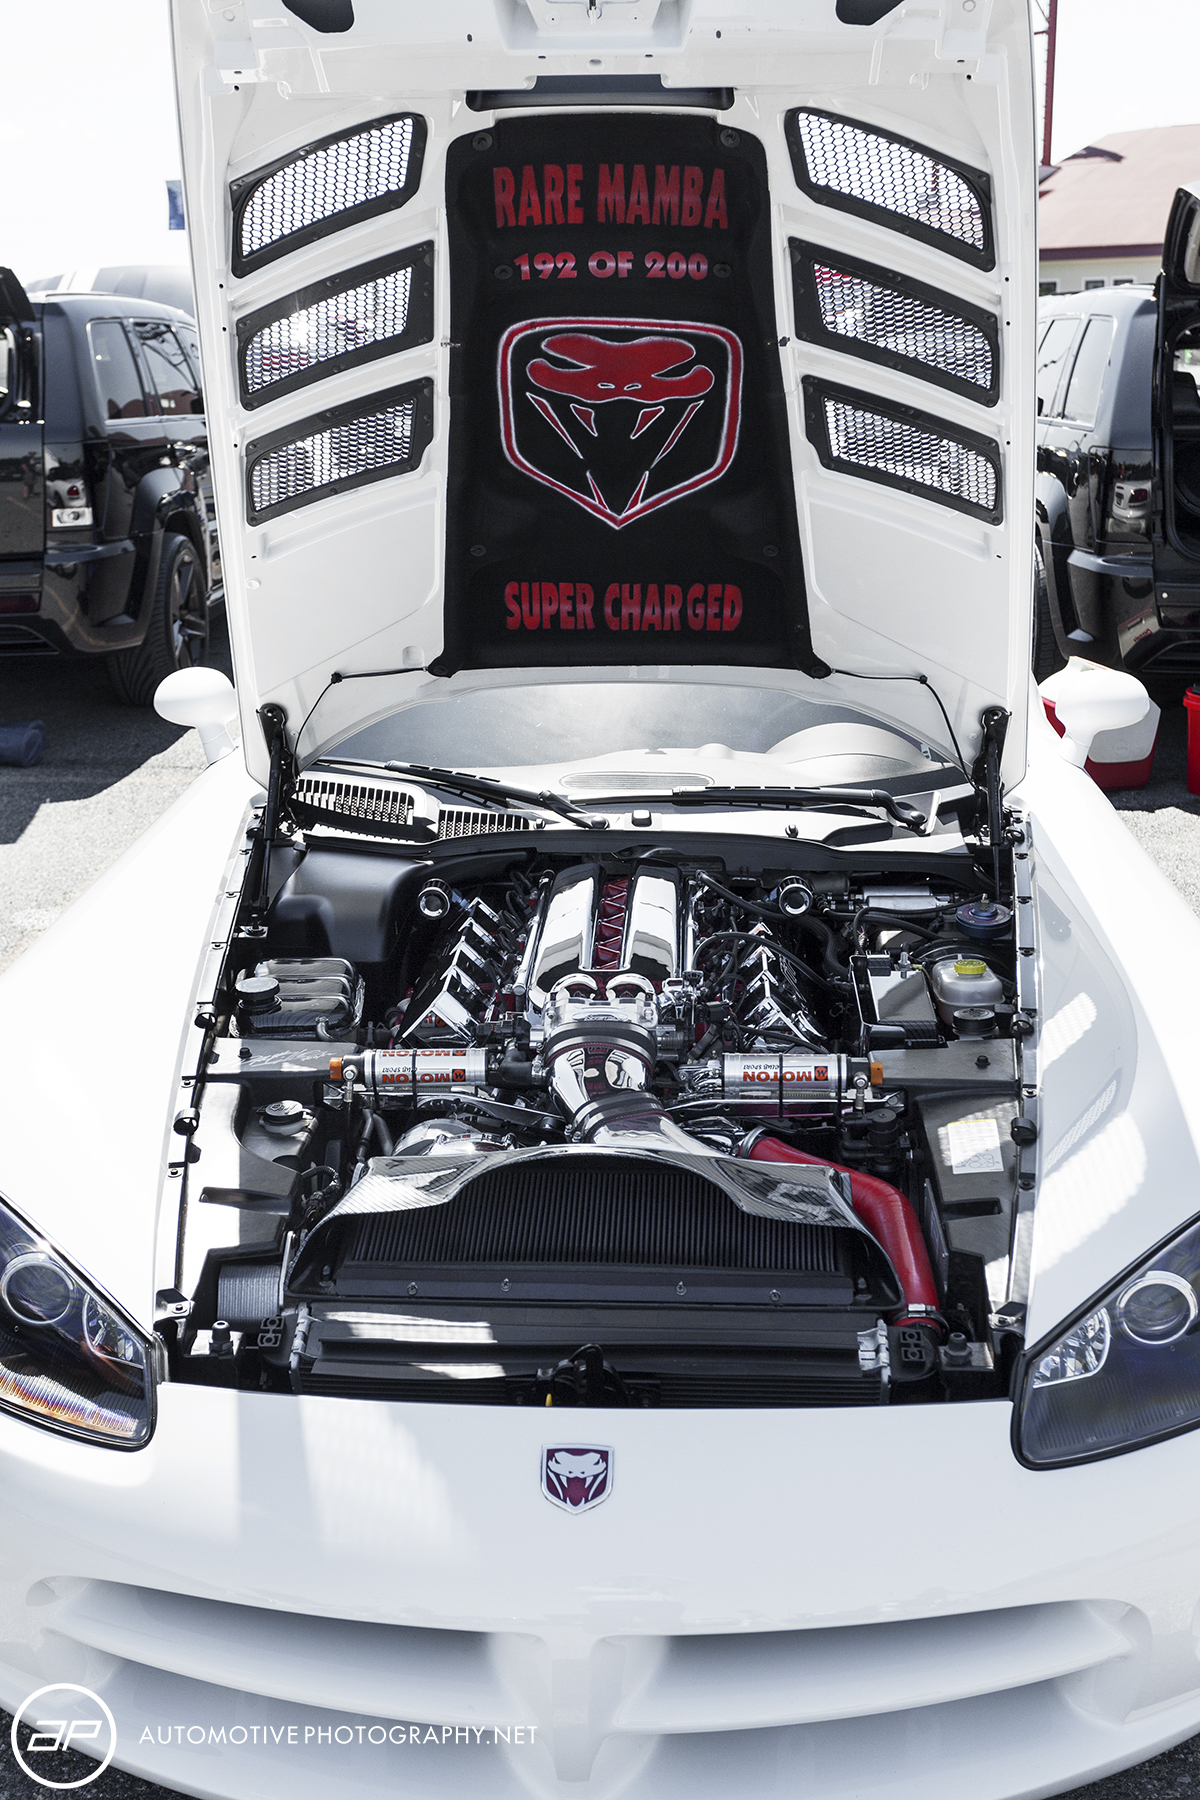 2004 Dodge Viper SRT 10 White Mamba Engine 192